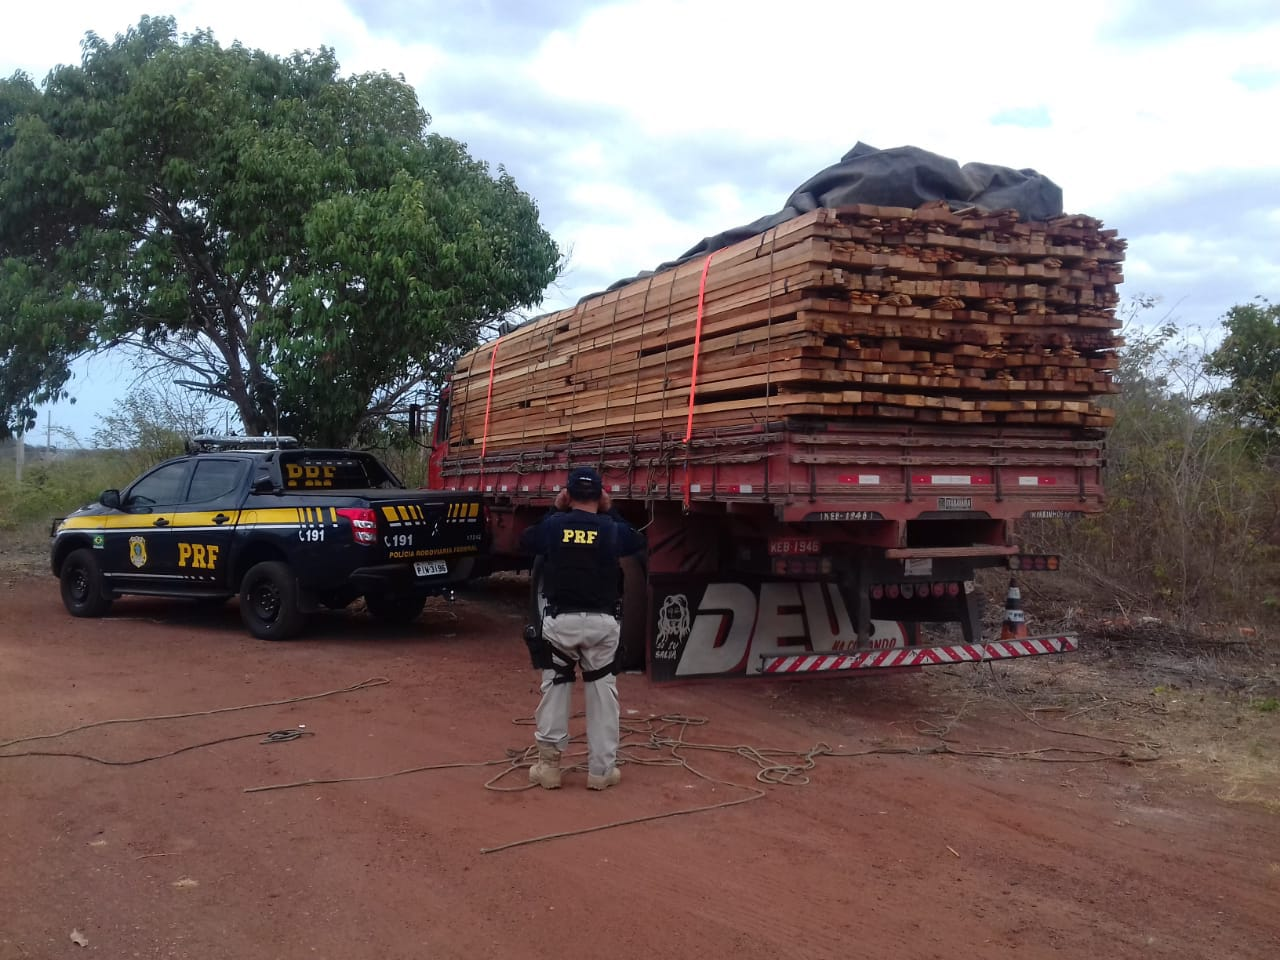 whatsapp image 2018 10 31 at 1554291541012663 - Carga de madeira oriunda de Paragominas, no Pará, é apreendida no Piauí